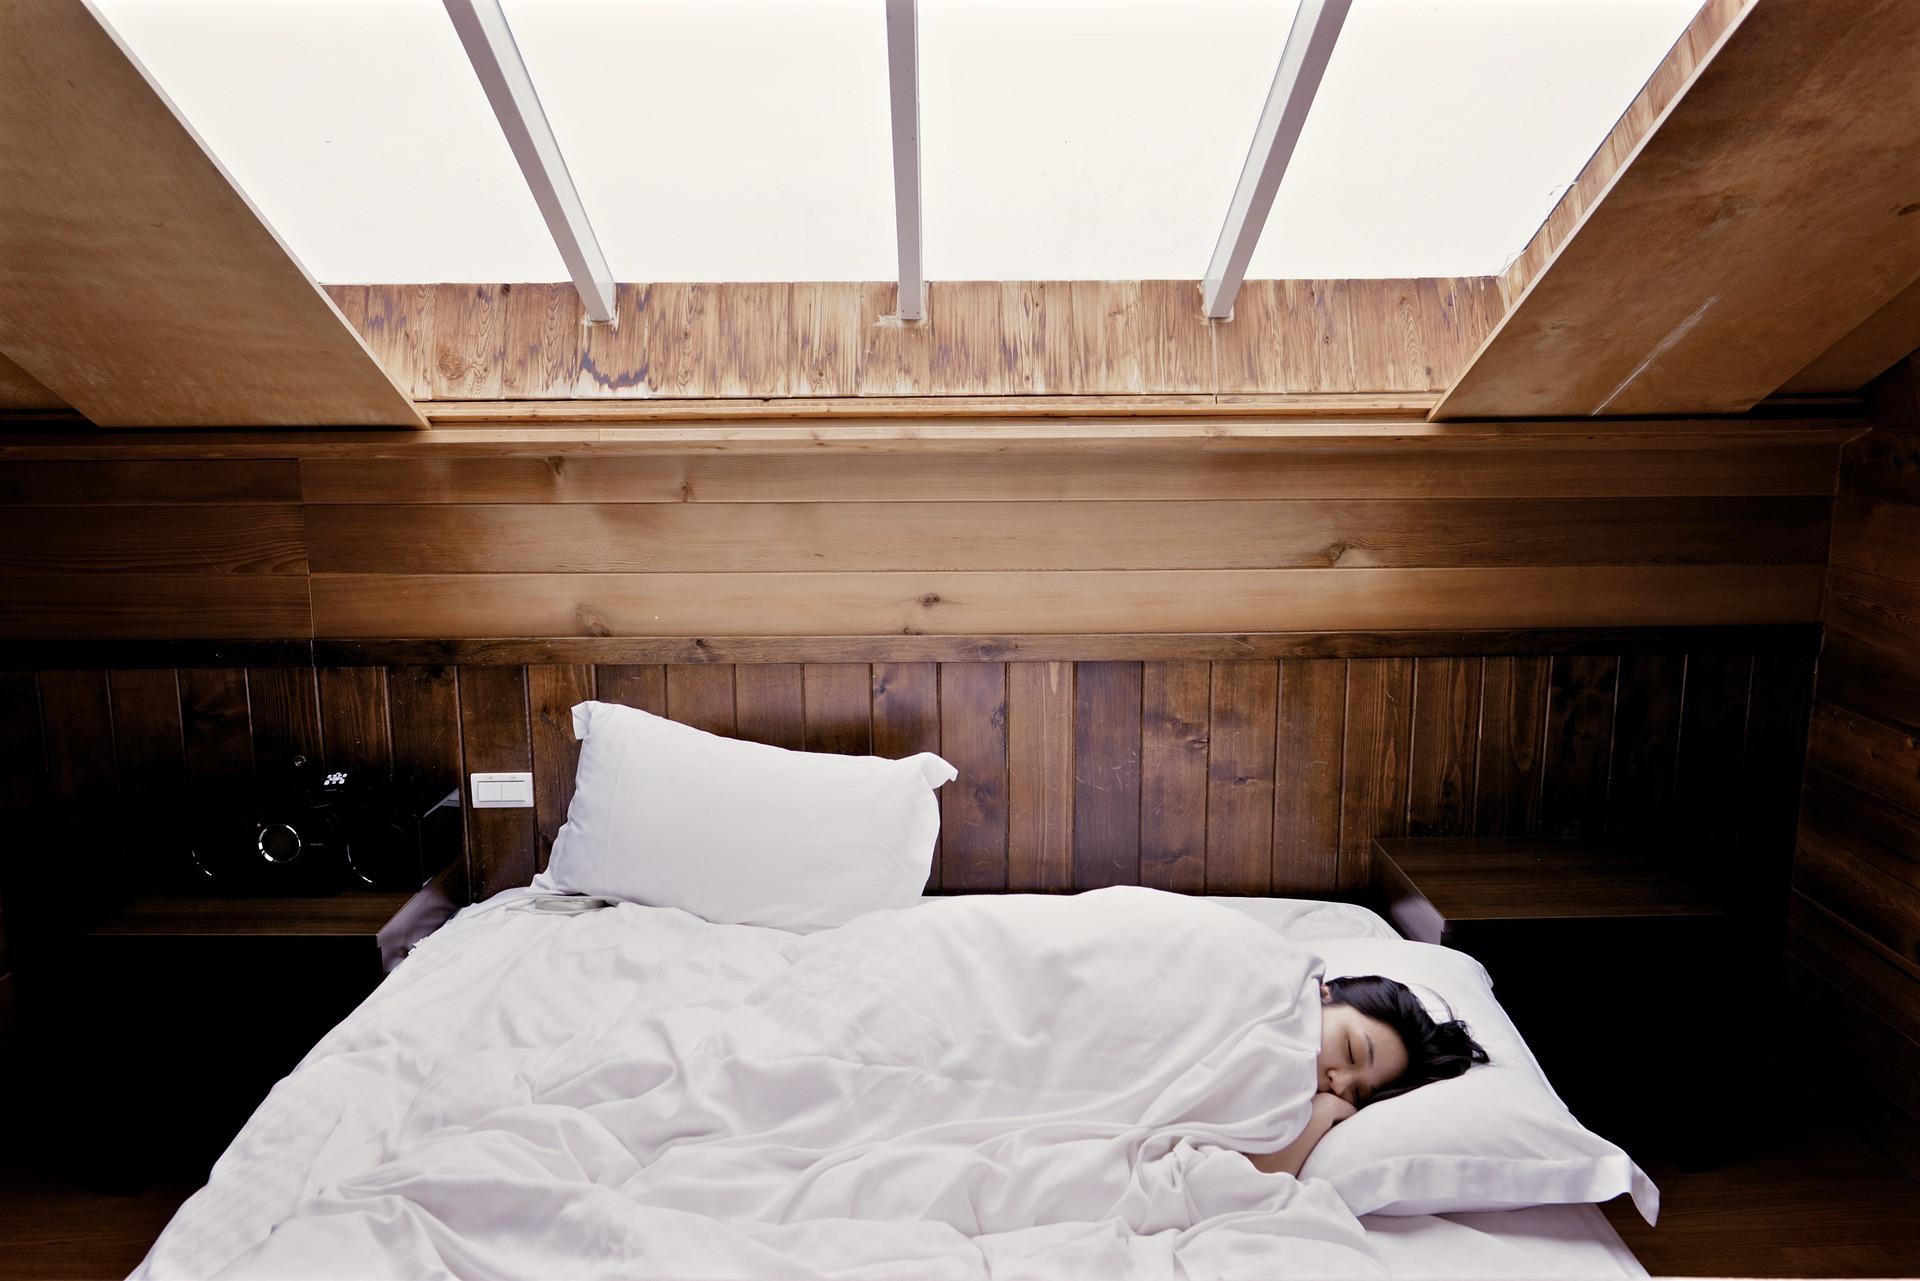 Badan Tetap Lelah Meski Sudah Tidur Cukup? Mungkin Ini 3 Penyebabnya - JPNN.com